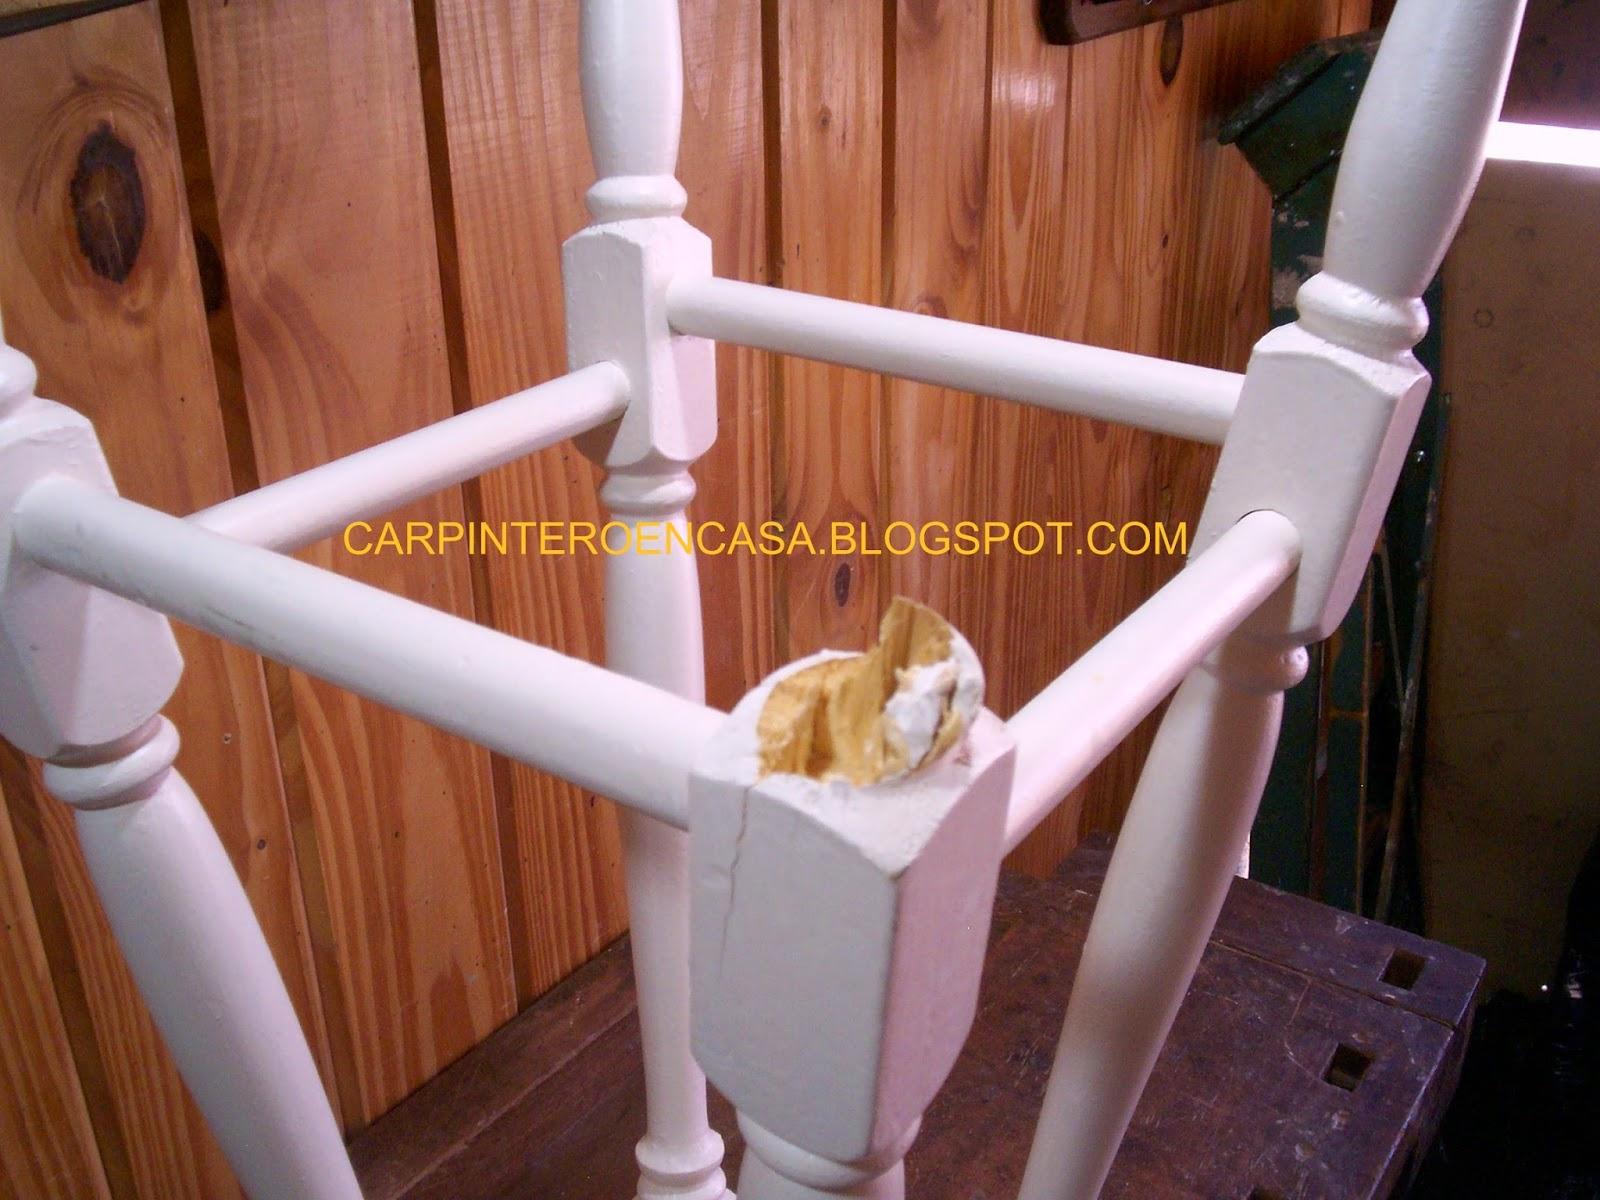 Carpintero en casa como reparar una pata de banco - Pasta para reparar madera ...